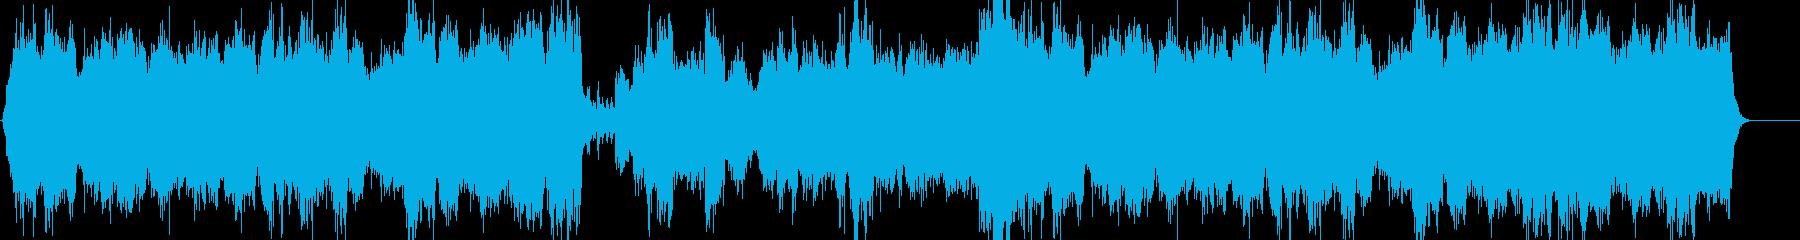 感動的なストリングスの再生済みの波形